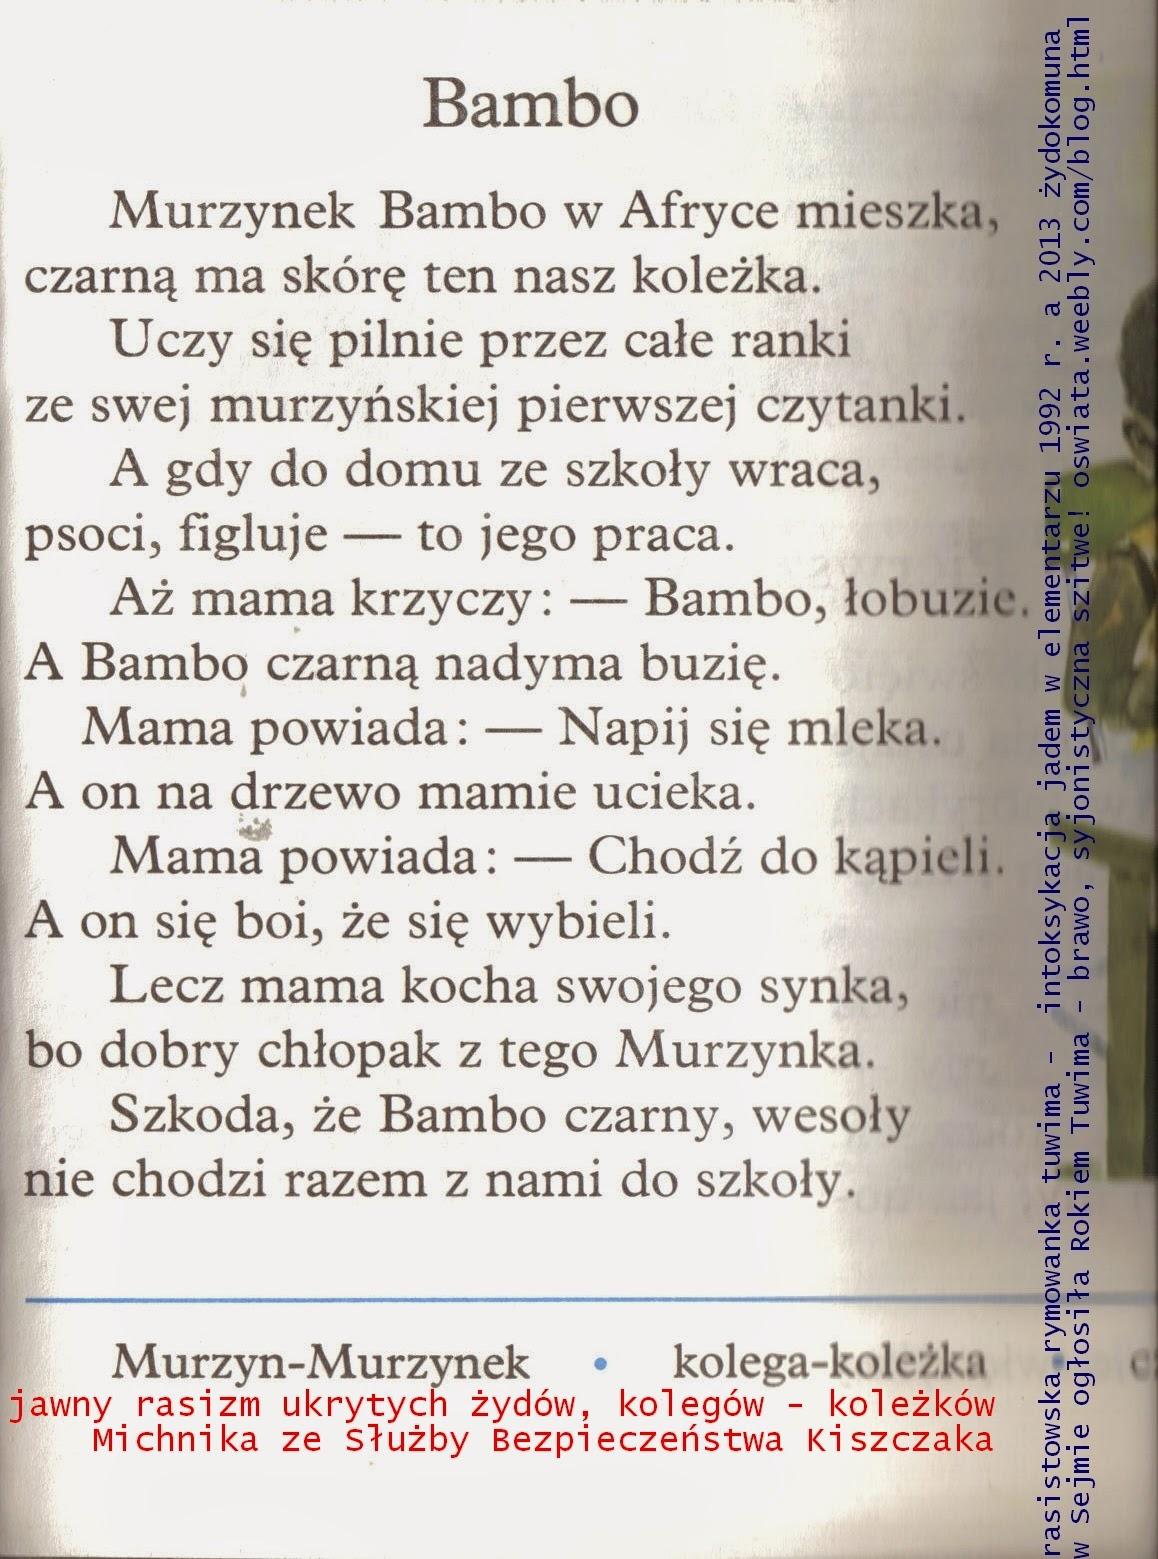 Sowa Murzynek Bambo 2013 Rok Tuwima Rasistowskiego